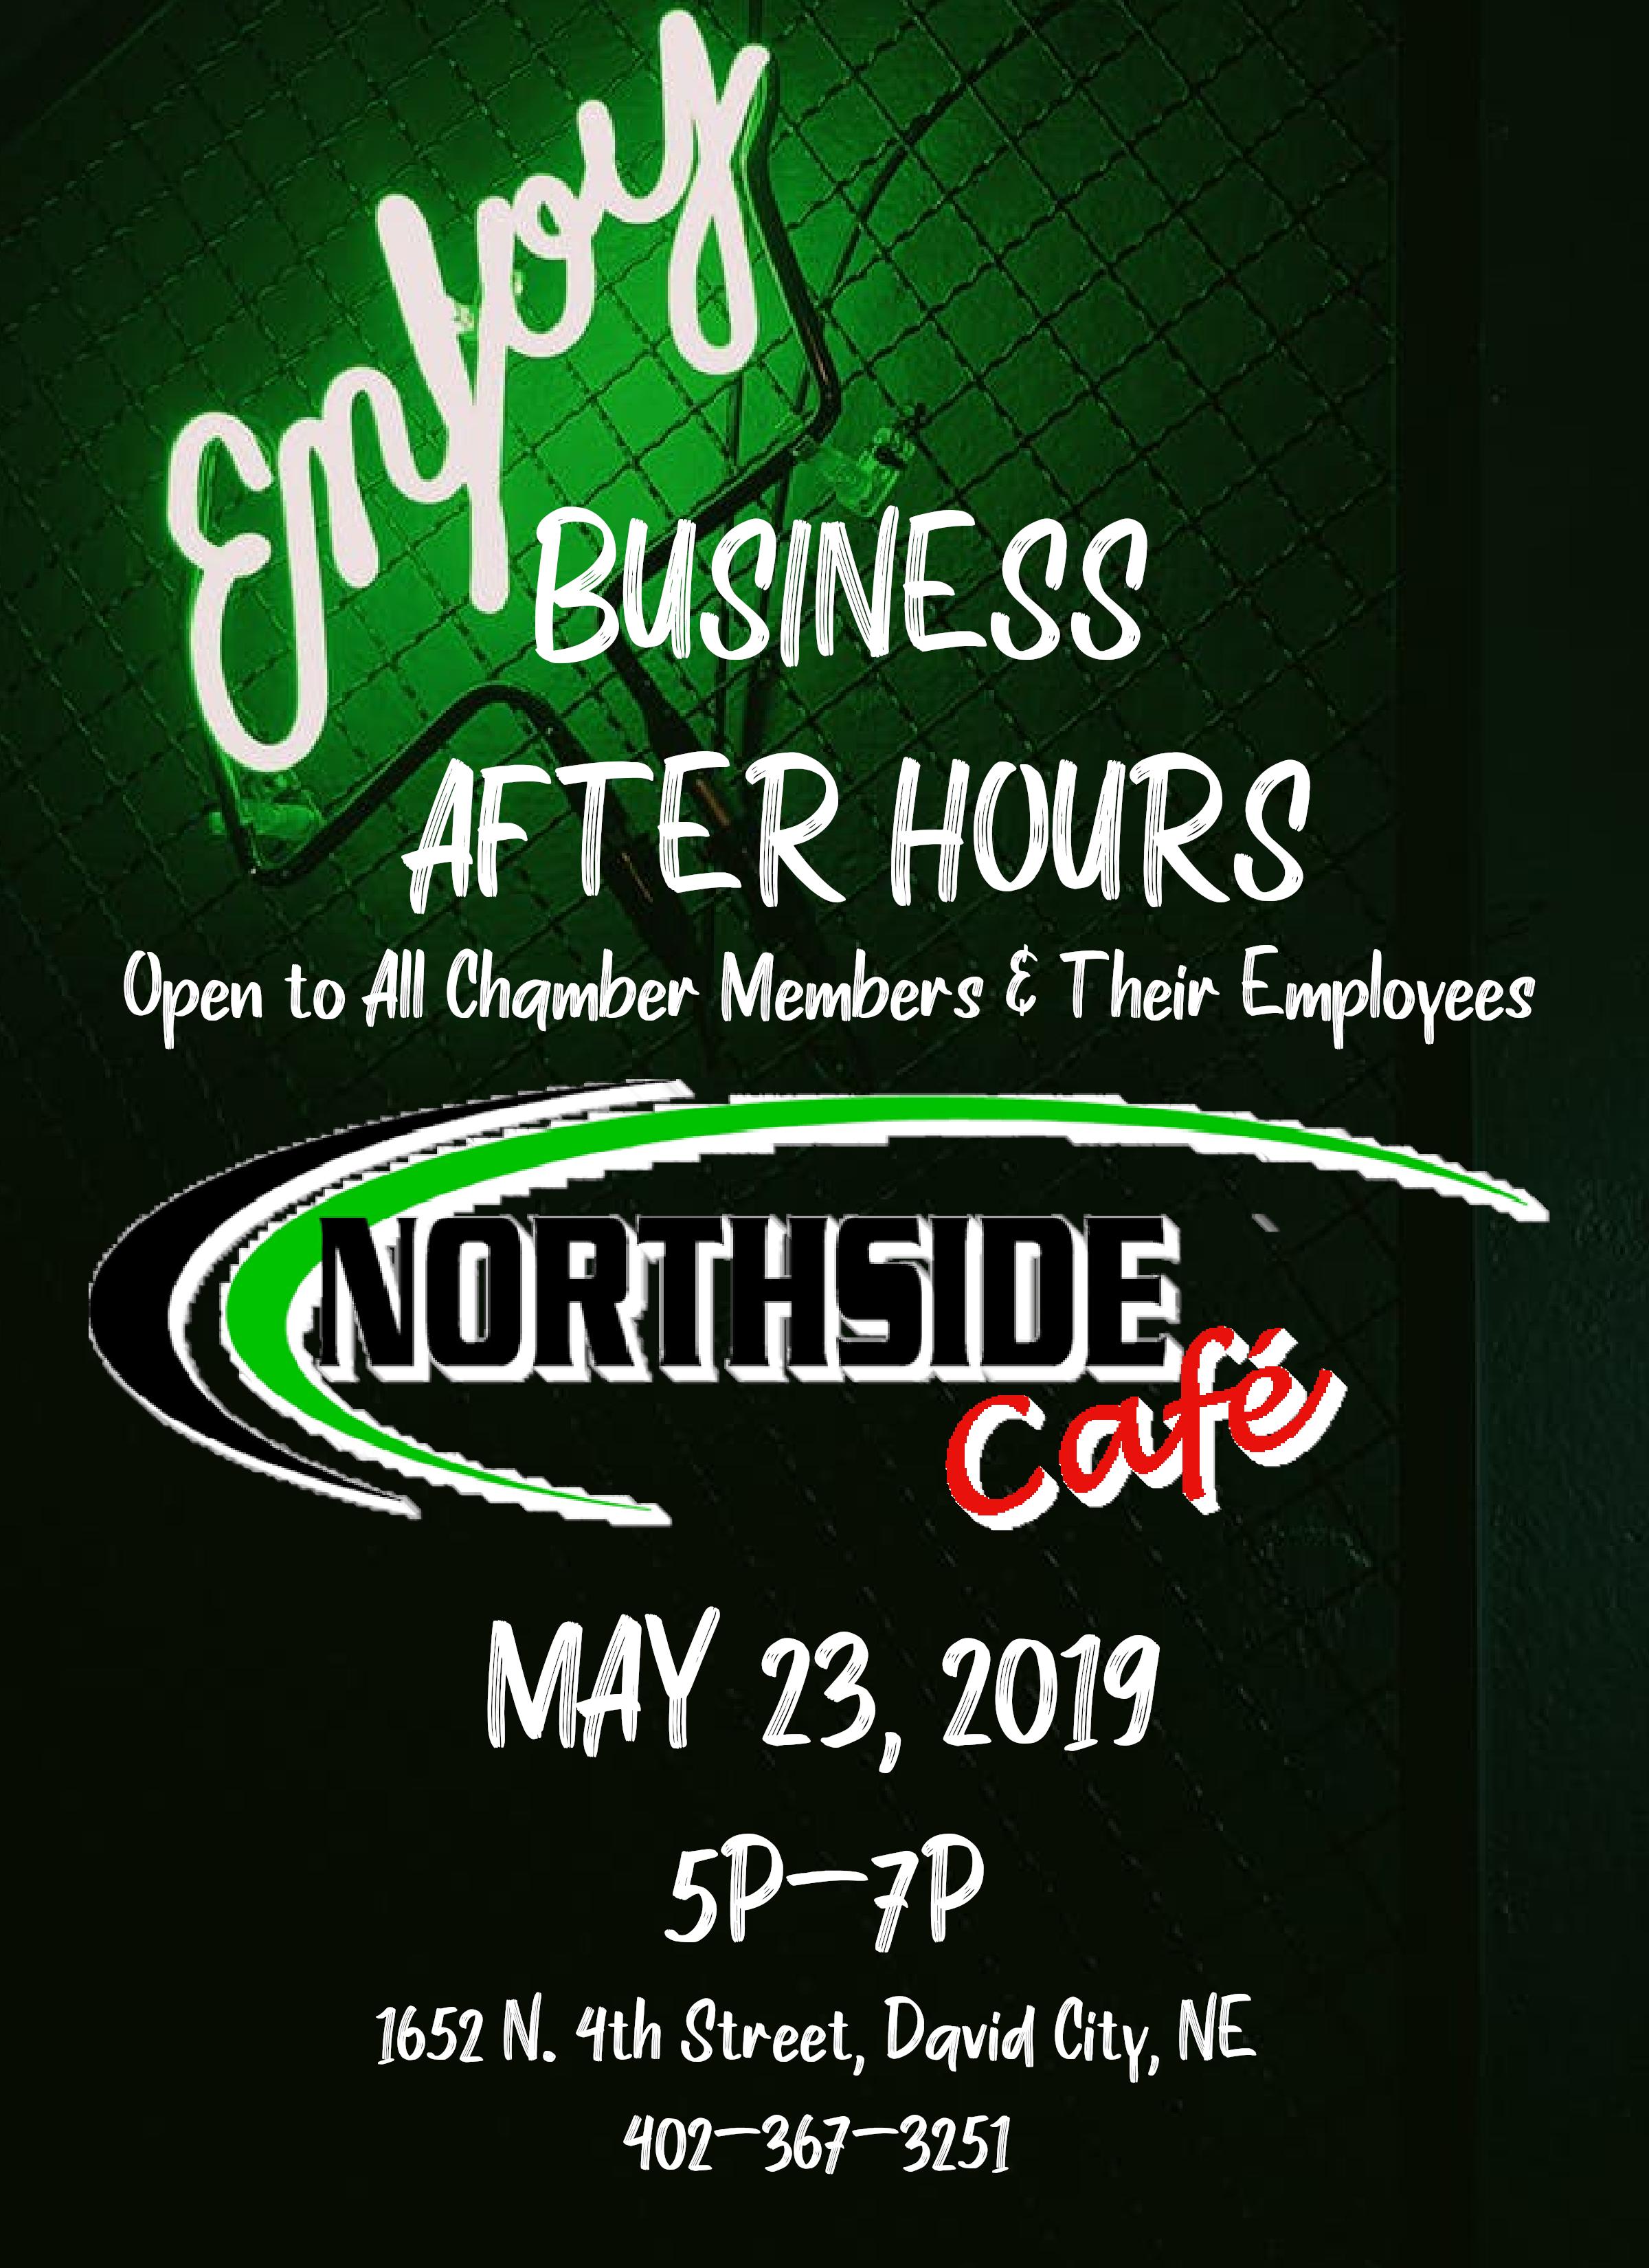 Business After Hours- Northside Cafe